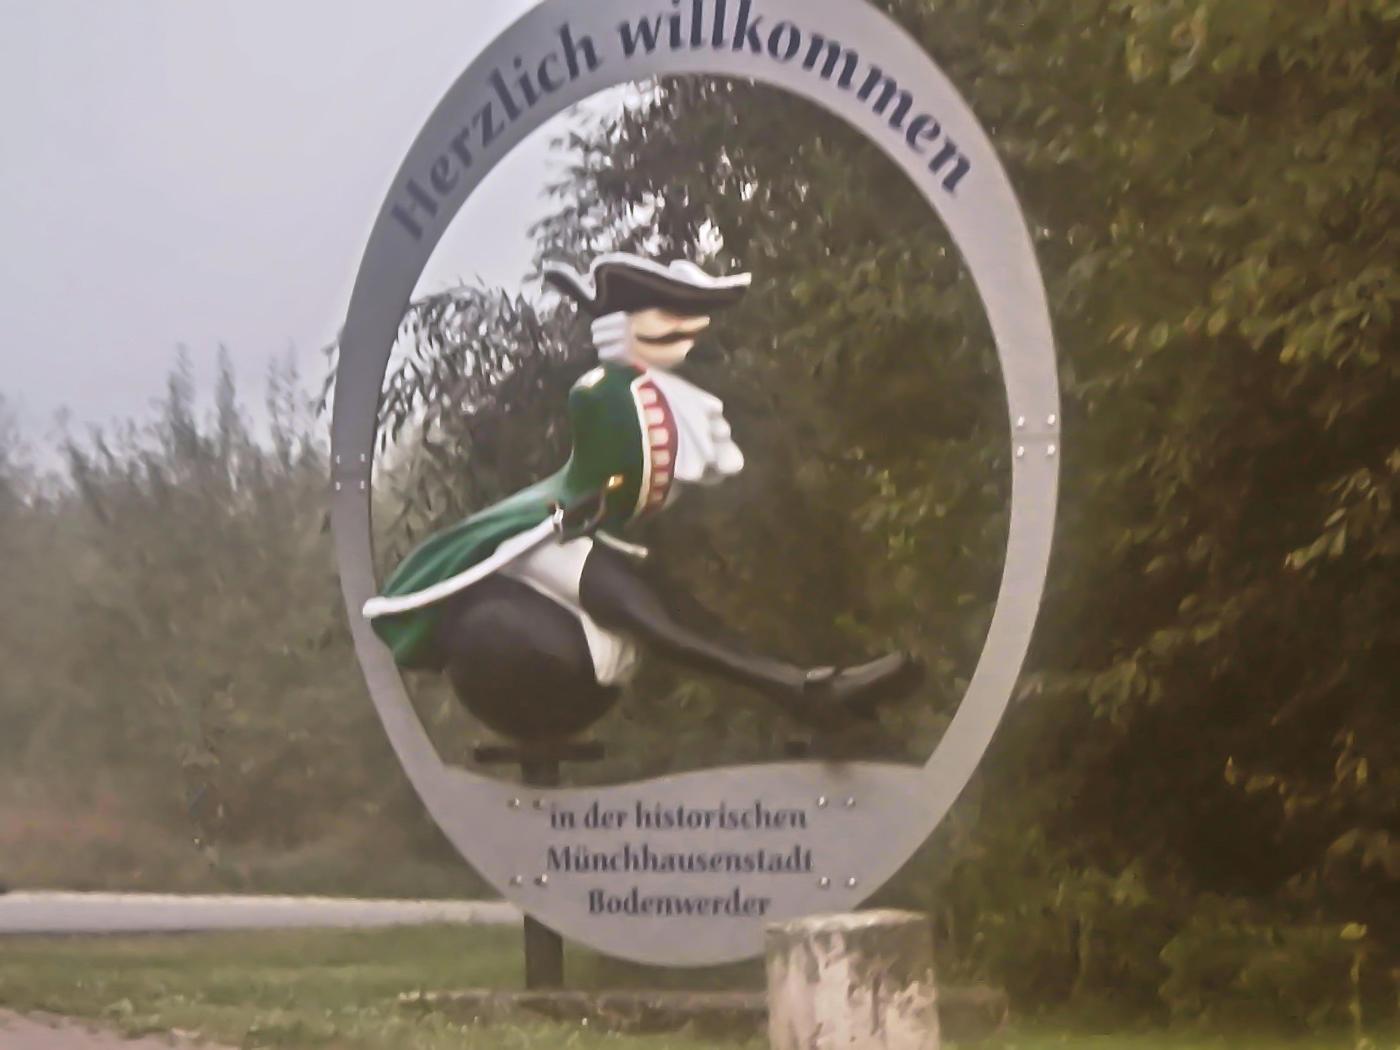 Müchhausen in Bodenwerder